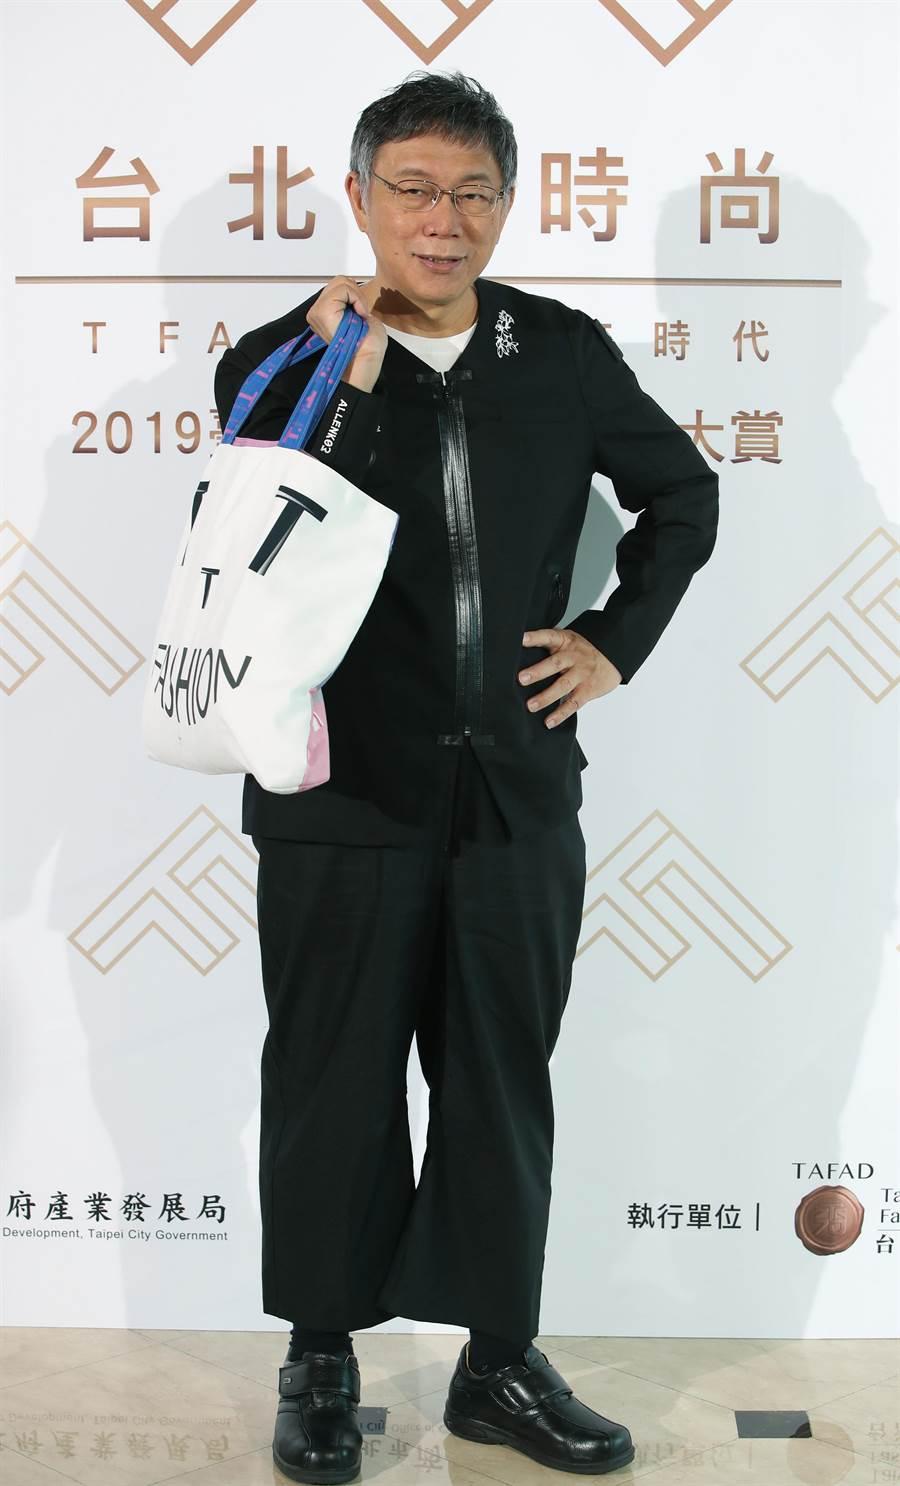 應主辦單位的要求,柯文哲也換上了時尚服飾改變造型,擺了一個很帥的姿勢拍照。(鄭任南攝)